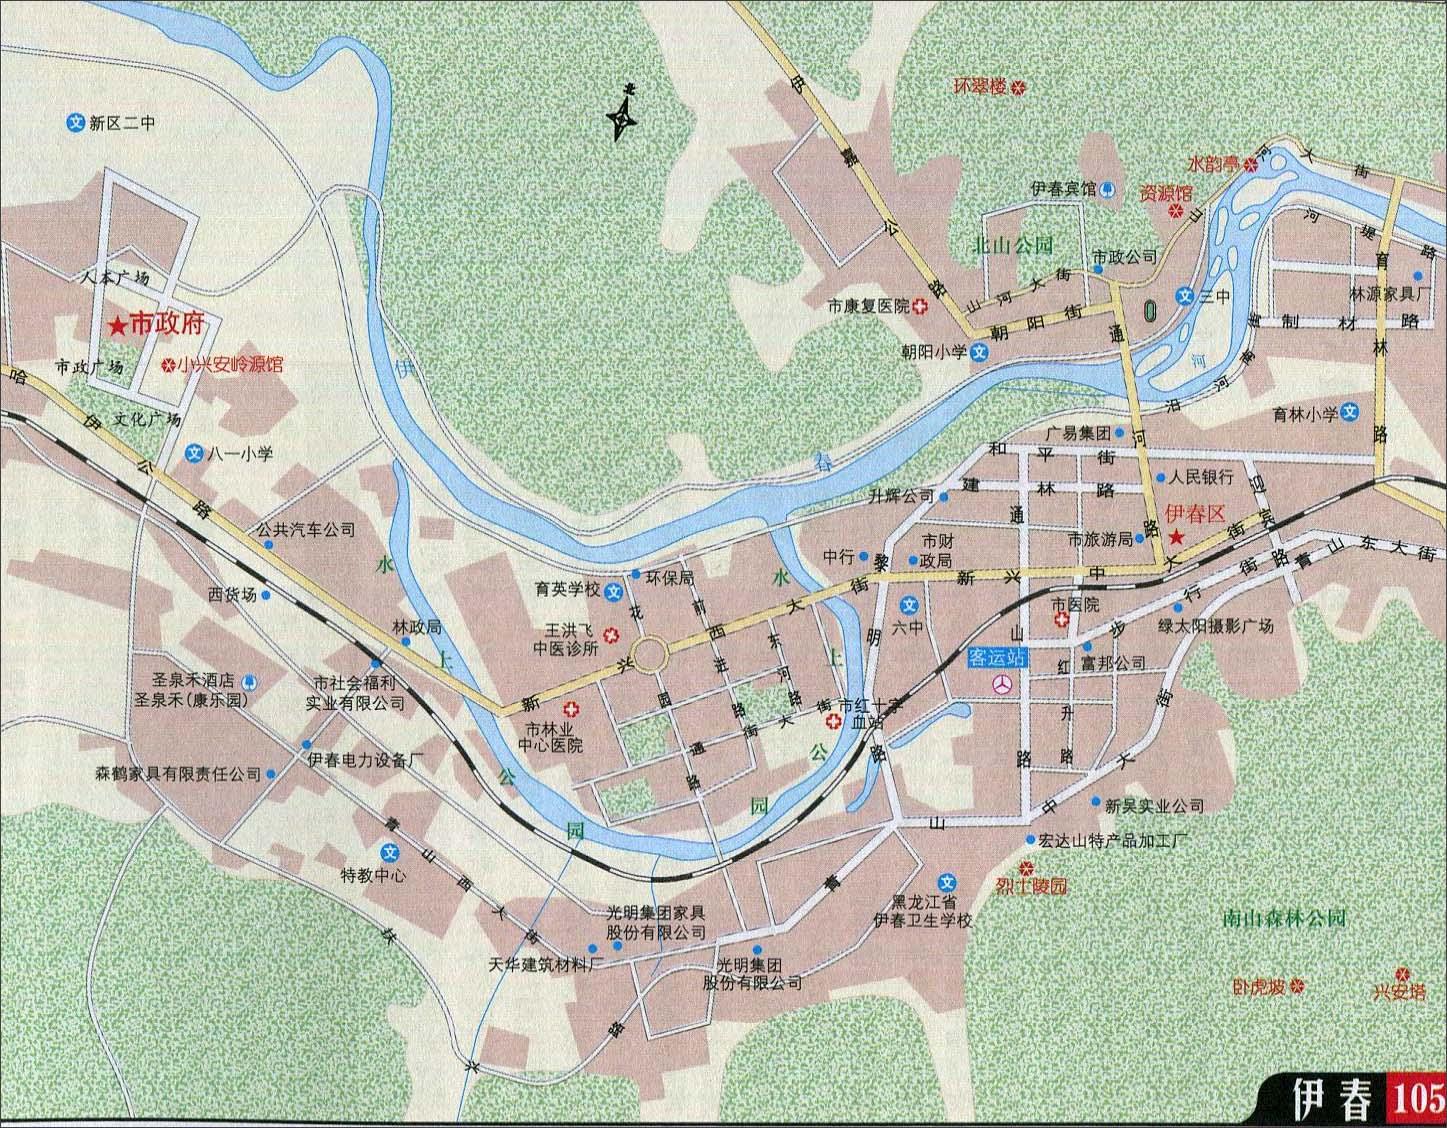 上海西藏自驾游_伊春自驾游地图_黑龙江旅游地图库_地图窝